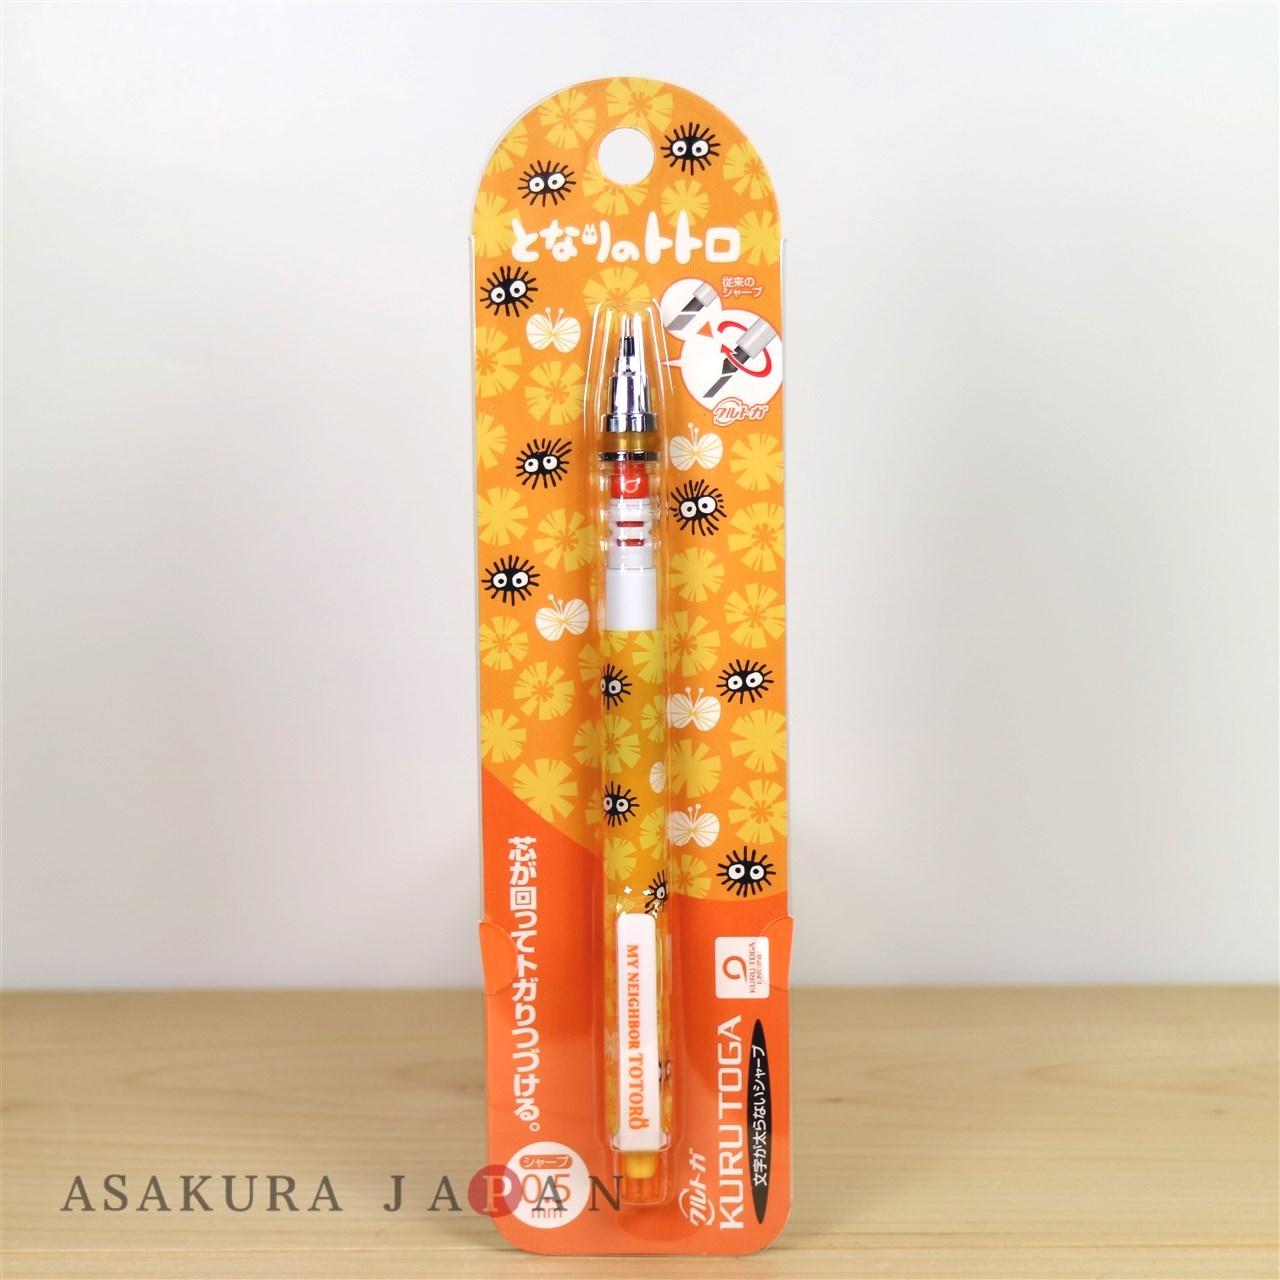 asakura japan com